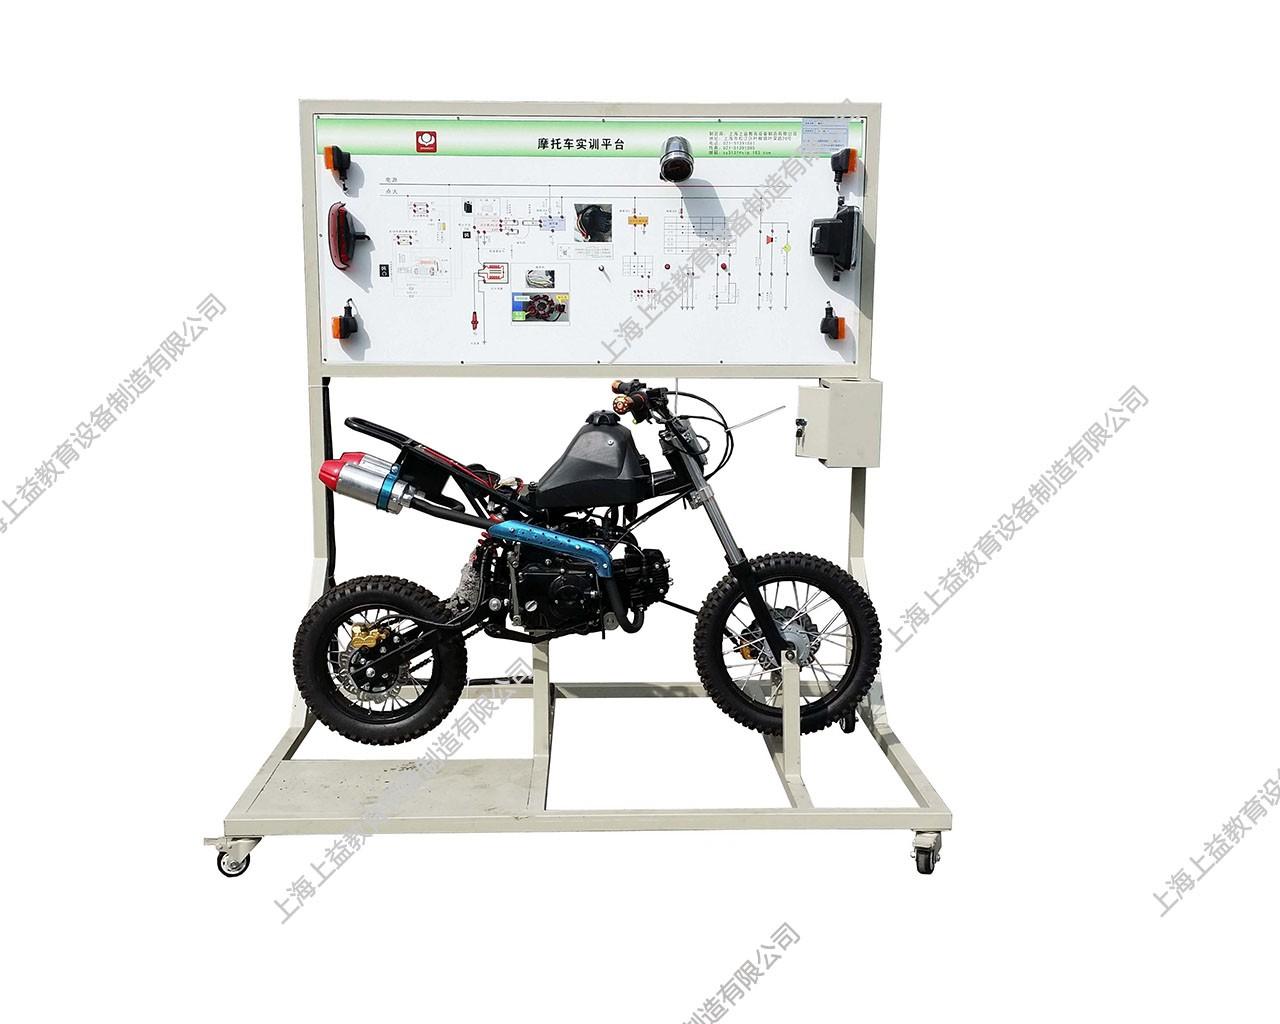 摩托车整机带全车电器wwwlehu8vip台